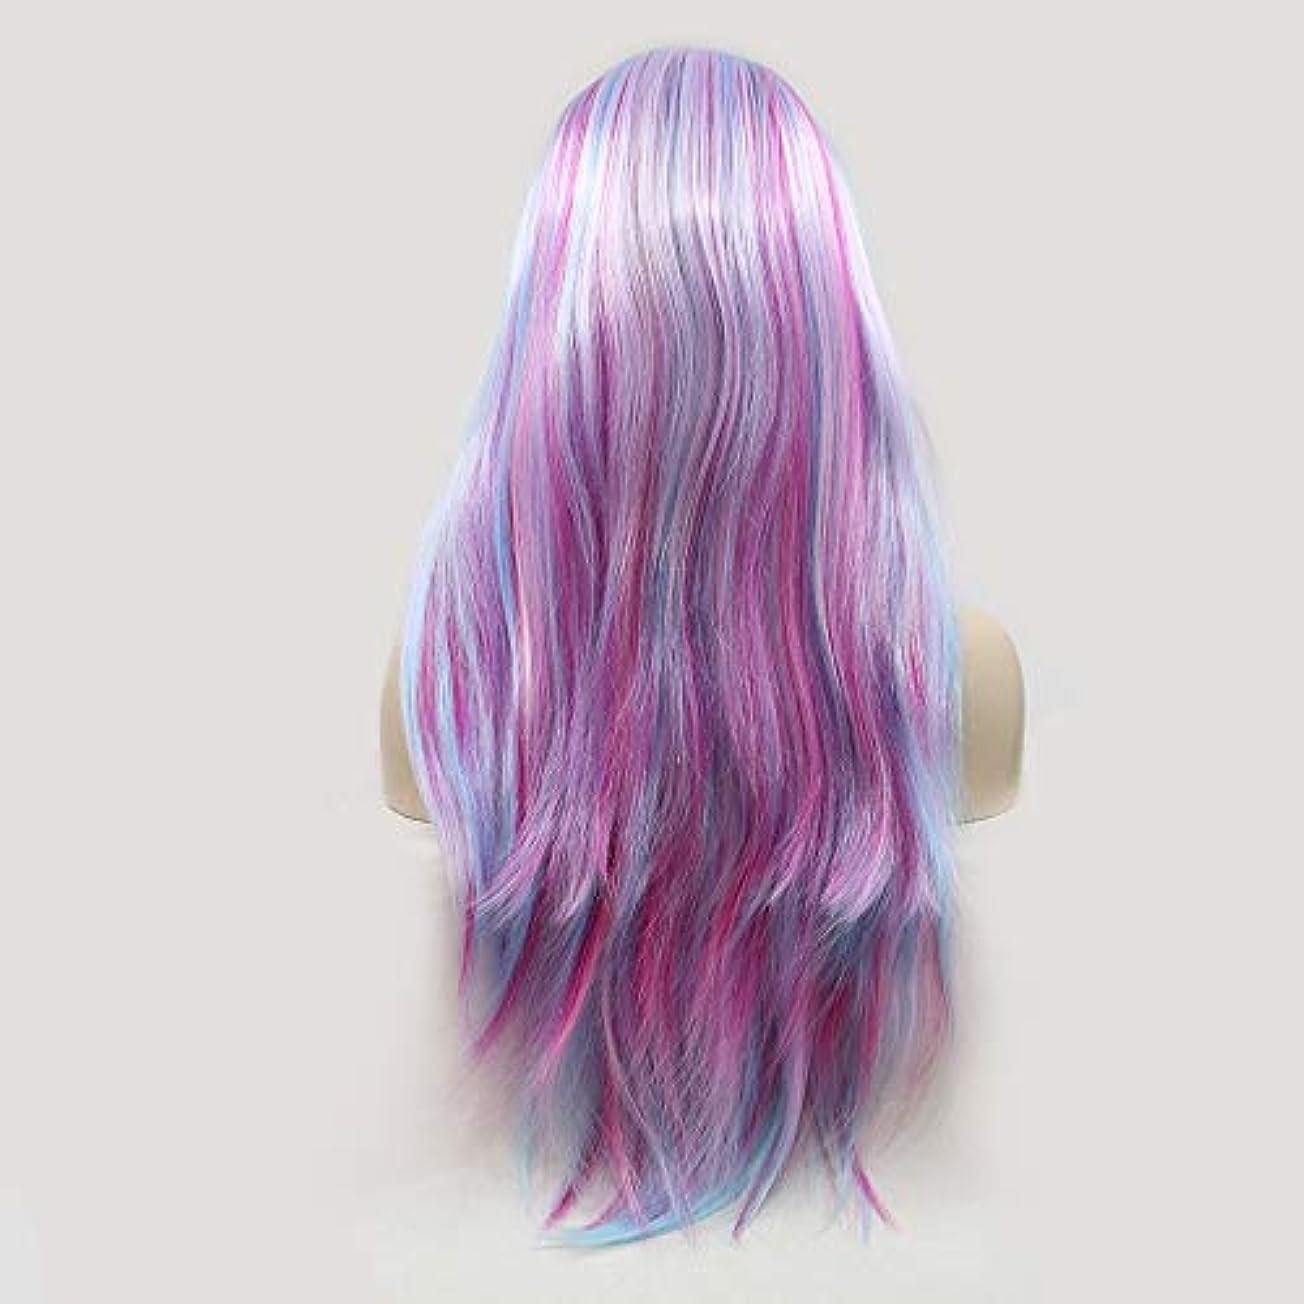 スローテーマスペアヘアピース グラデーションカラーの長い巻き毛の手作りレースヨーロッパとアメリカのかつらウィッグ髪に設定